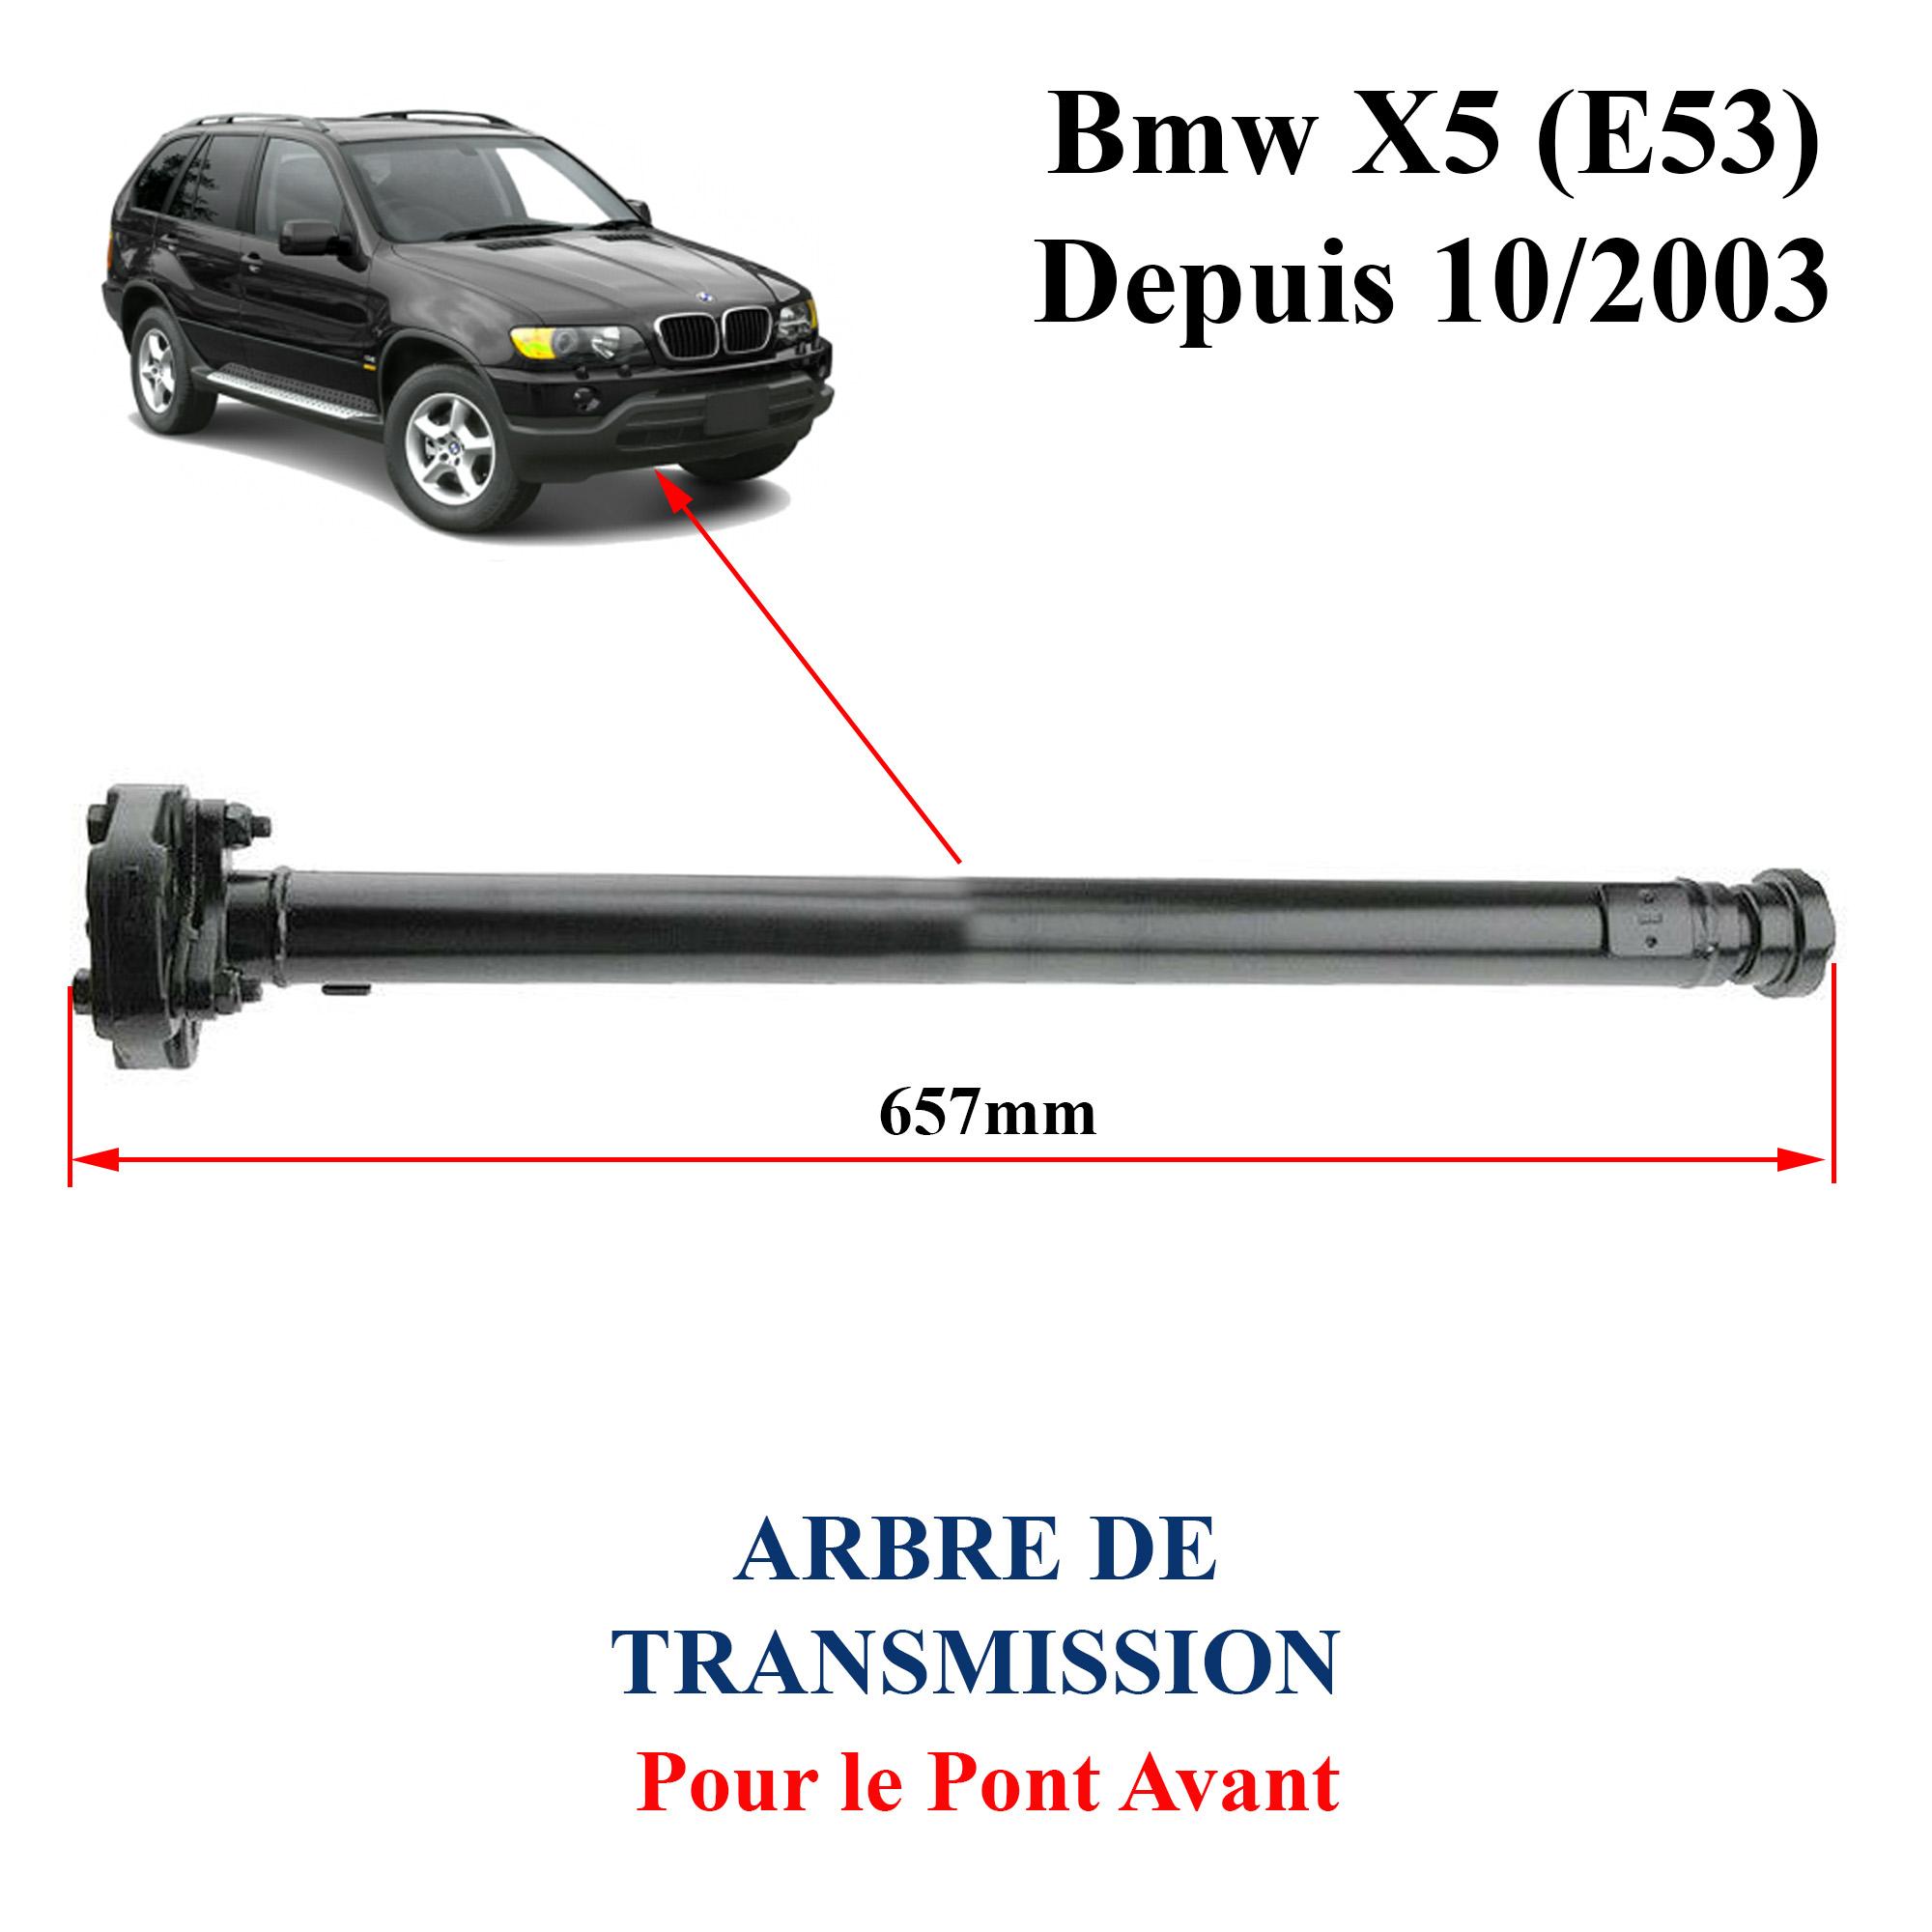 Bmw X5 E53 3.0 d//3.0 i//4.4 i transmission automatique refroidisseur d/'huile